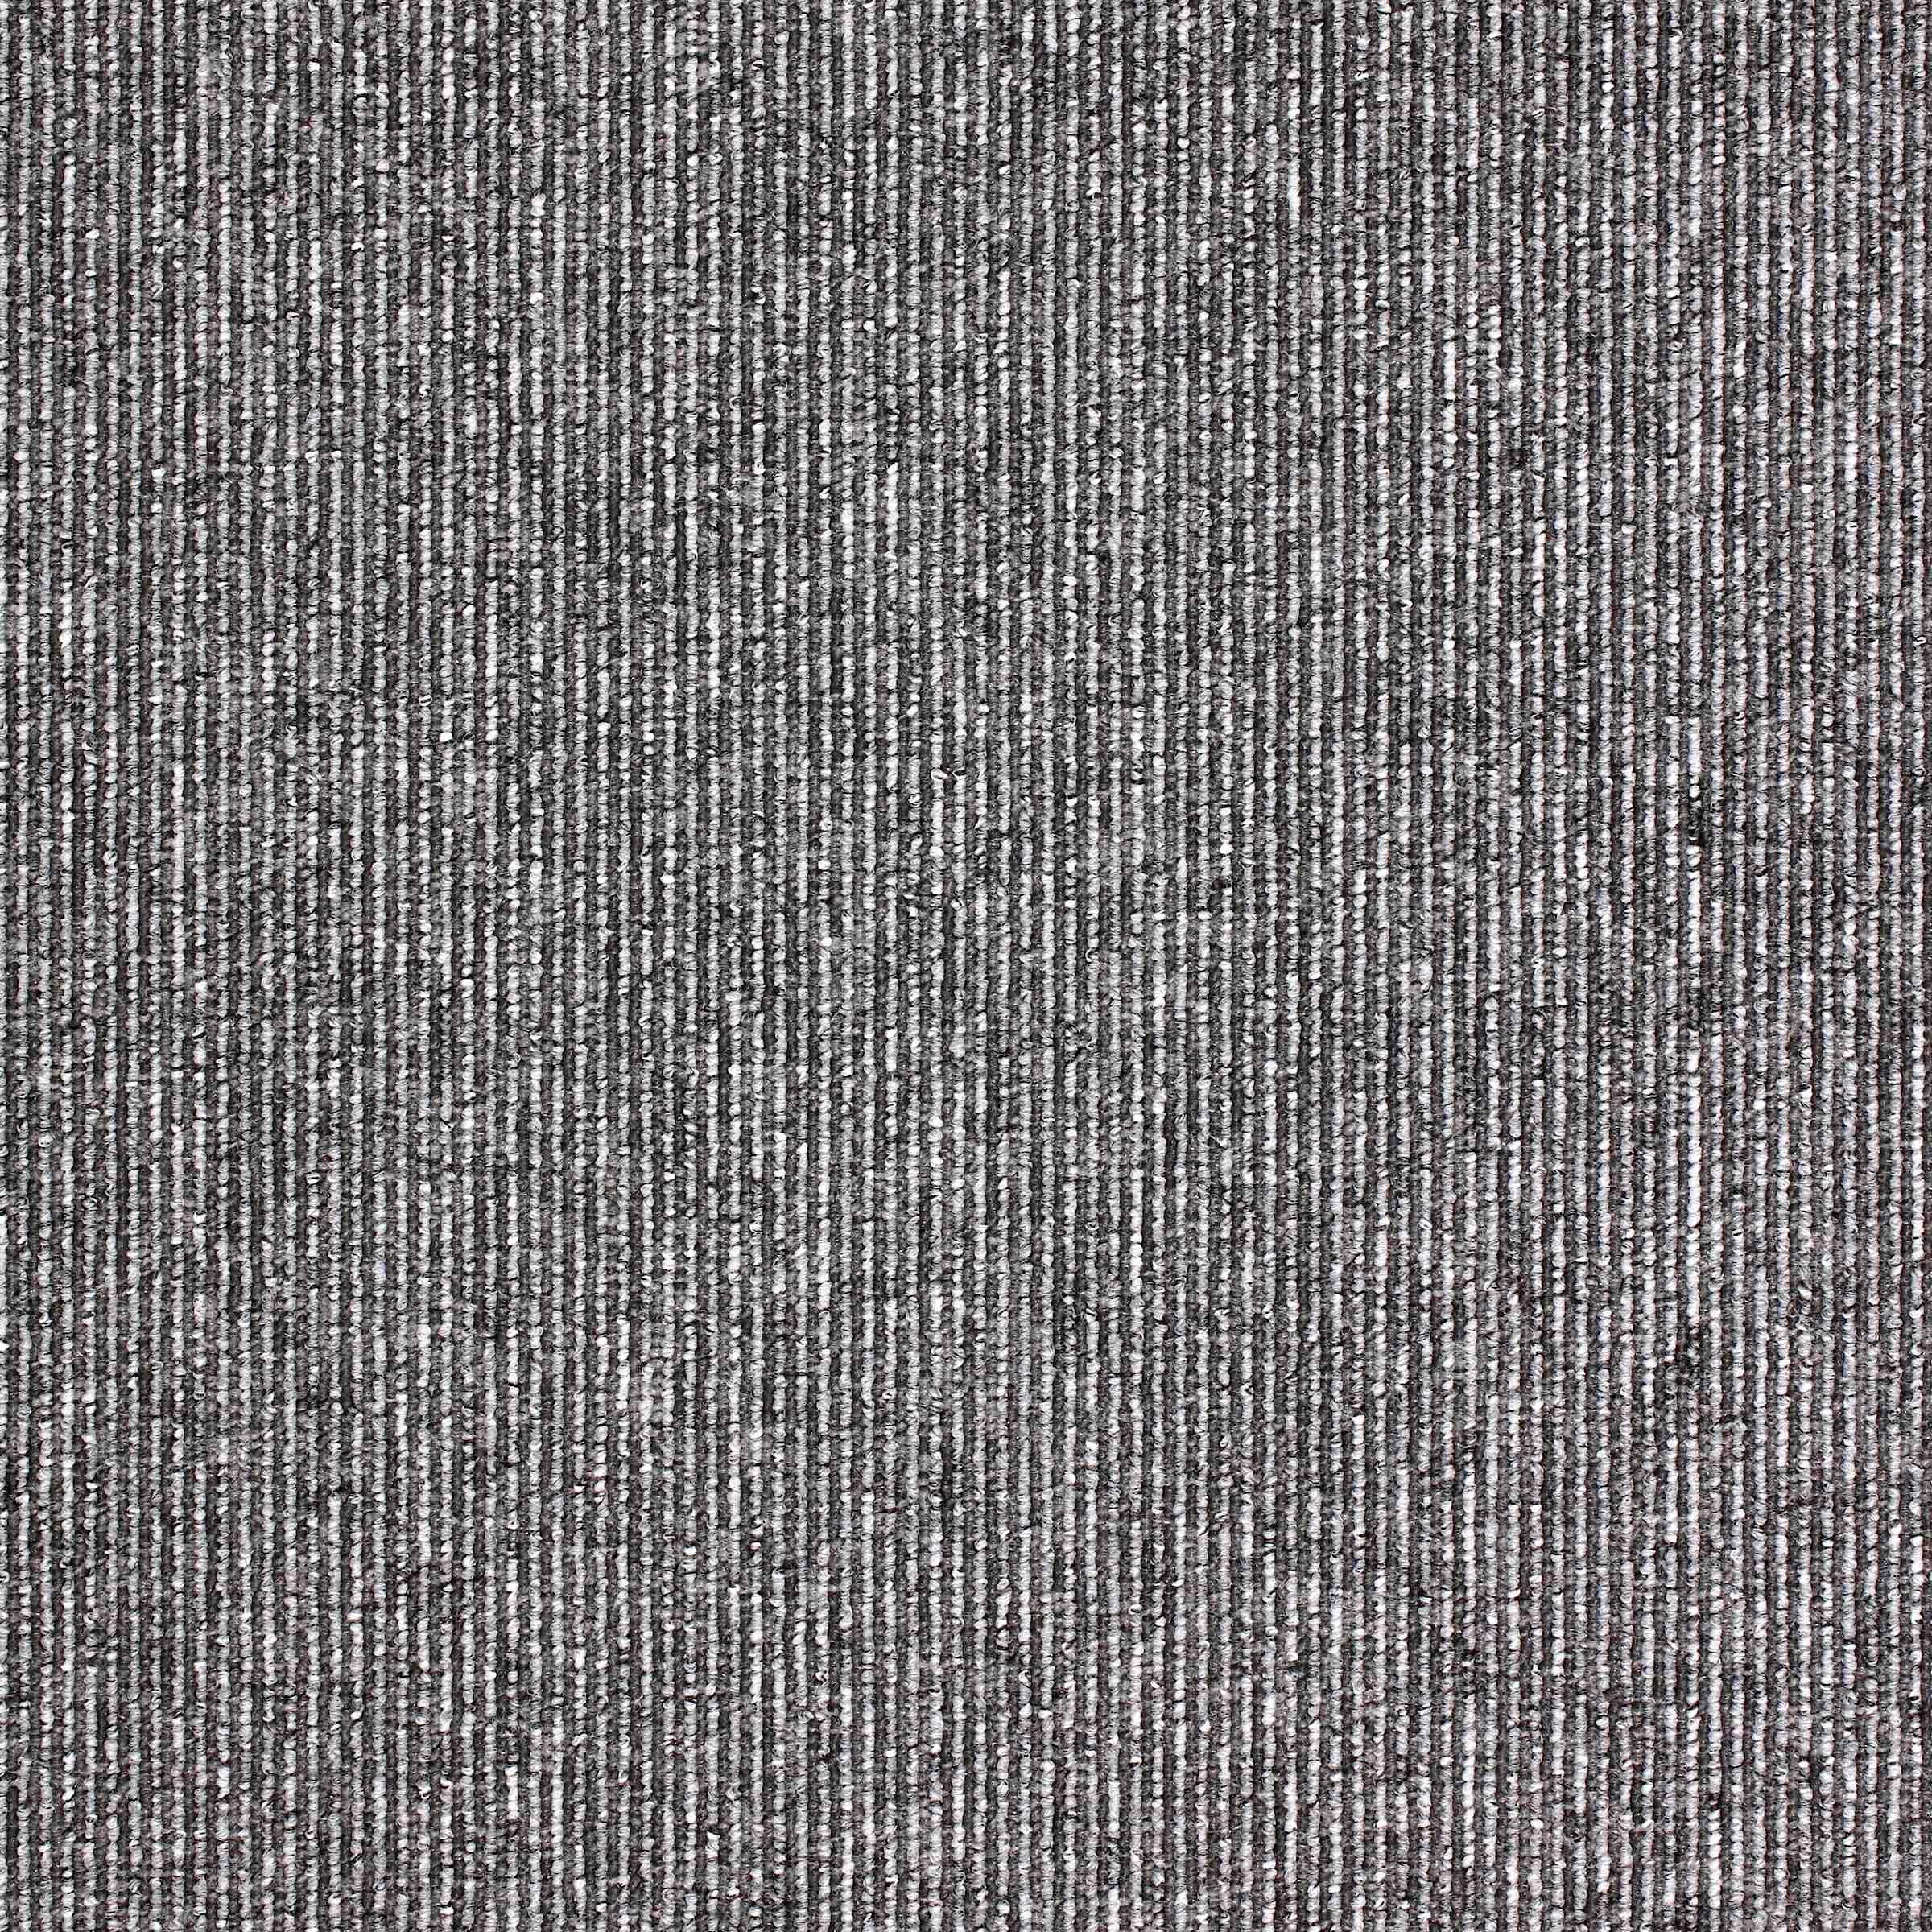 Macaw Stripe   Quartz : Pewter   Paragon Carpet Tiles   Commercial Carpet Tiles